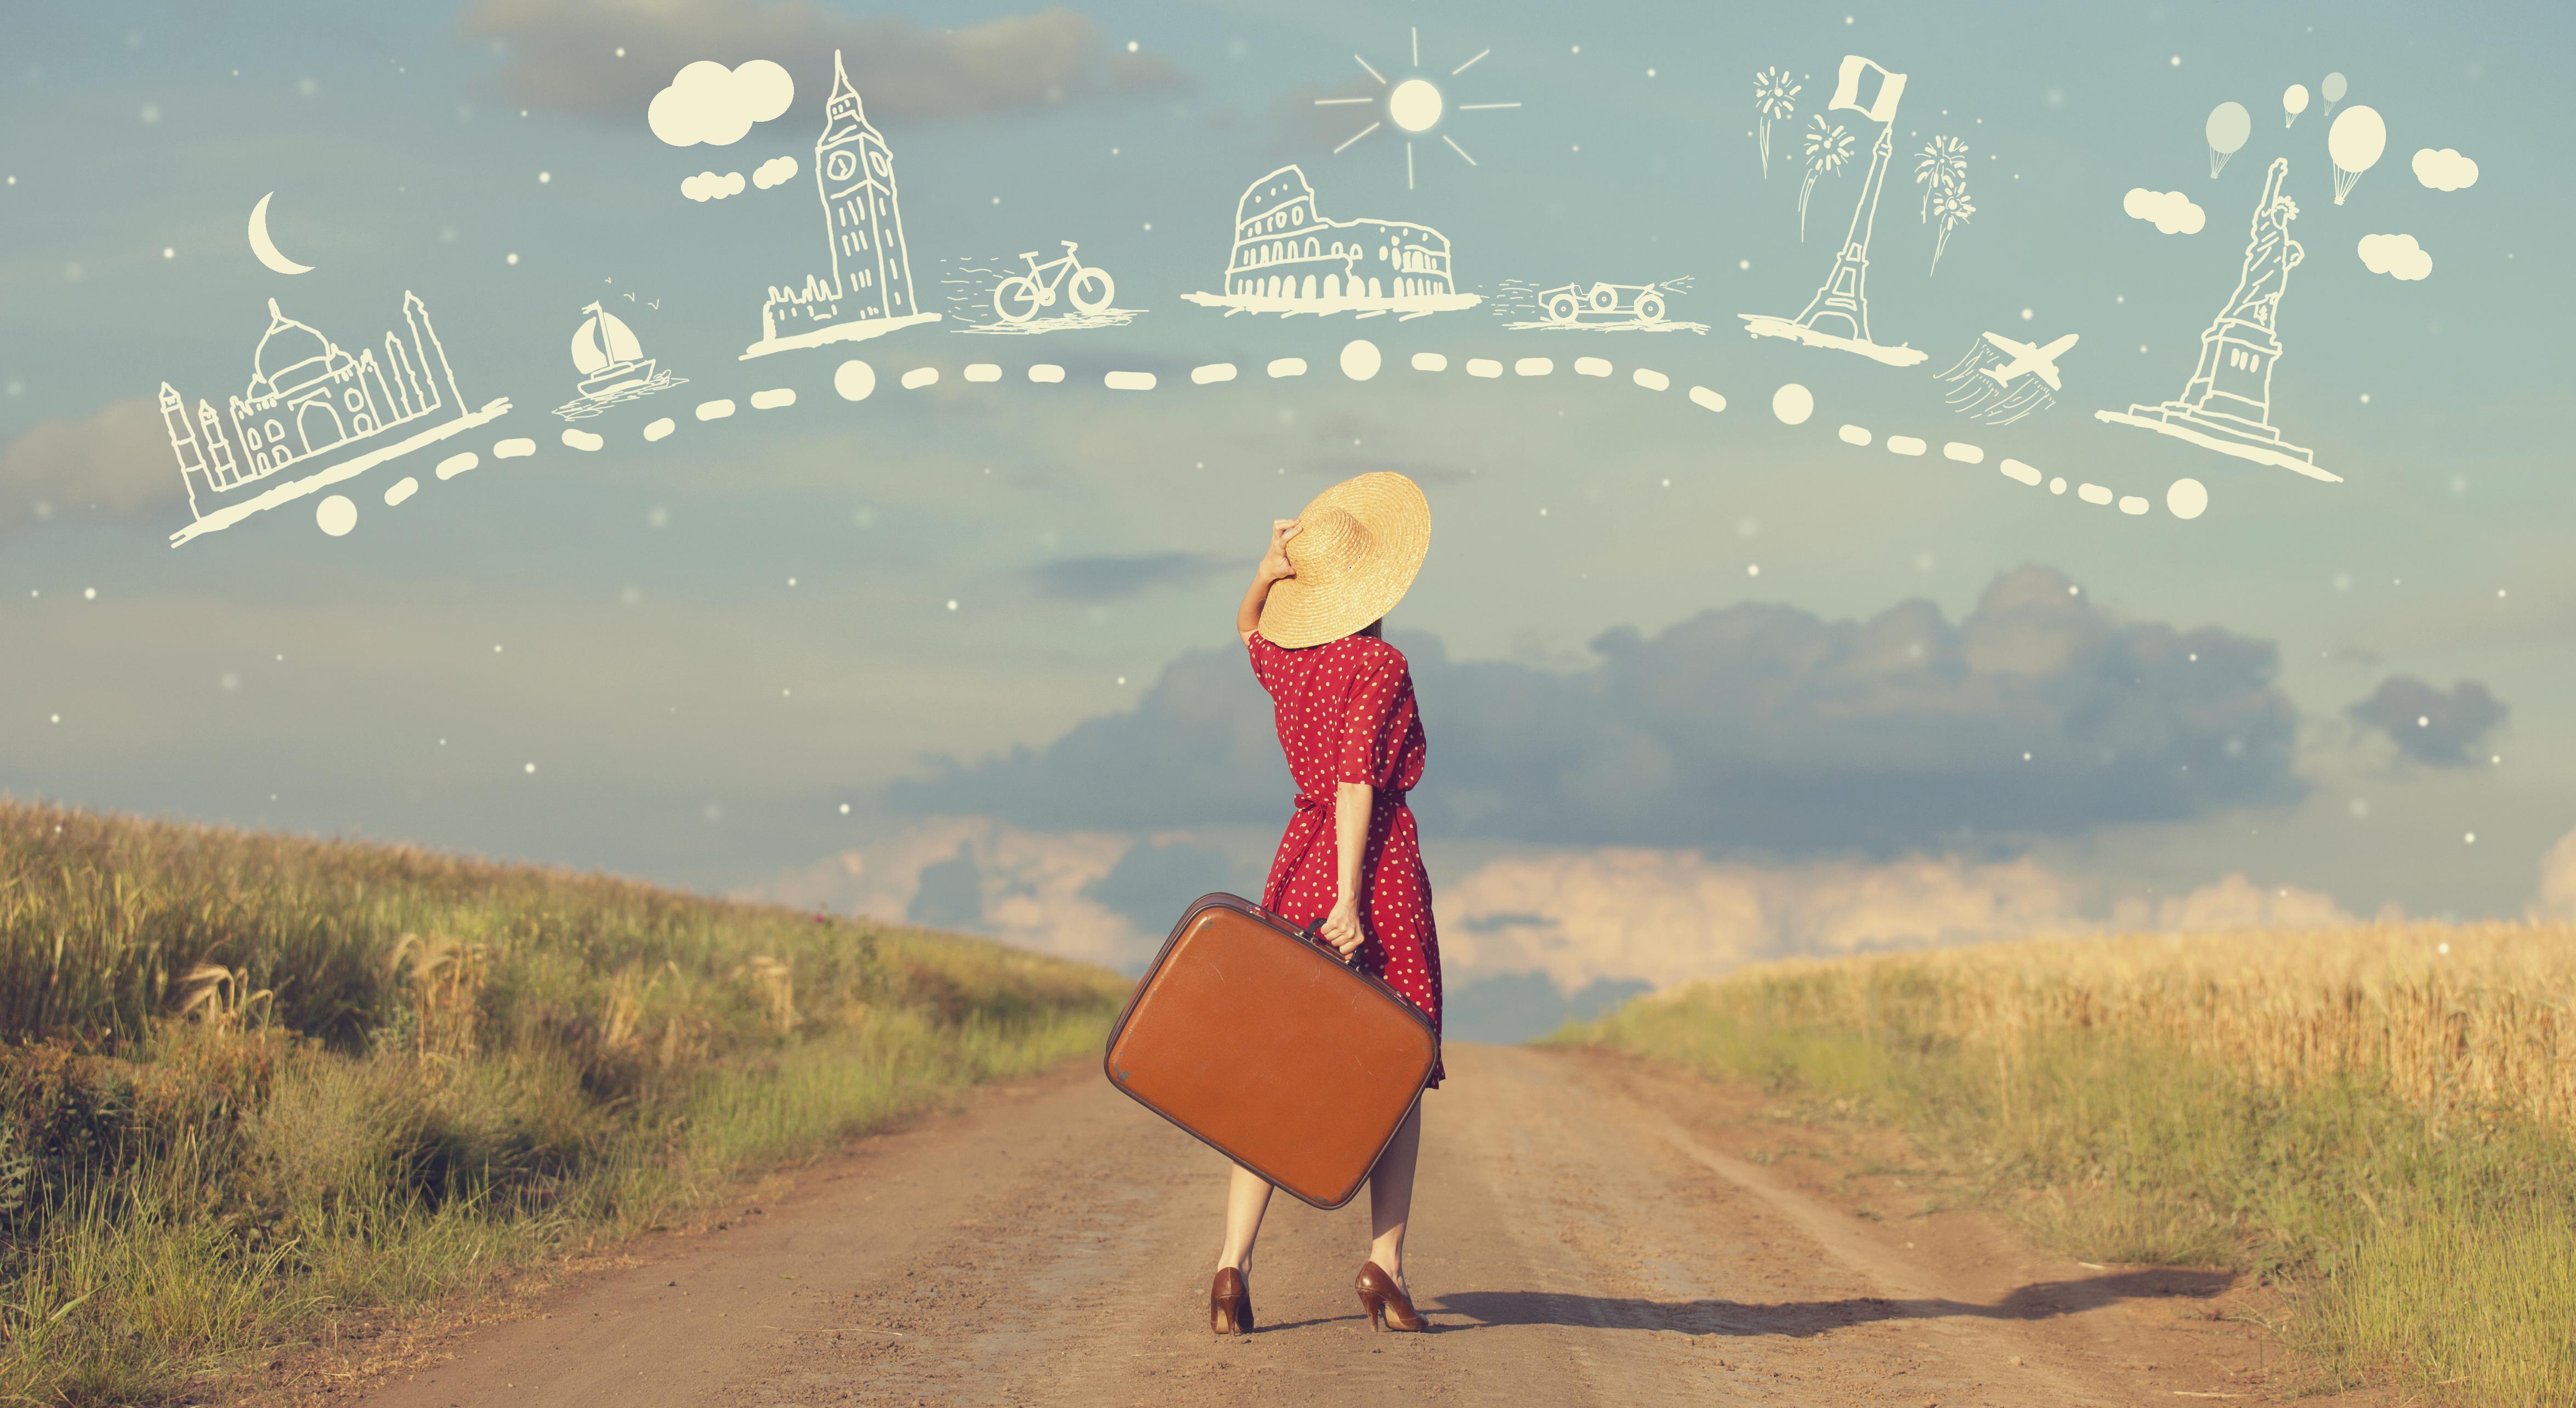 đi du lịch để giàu có hơn